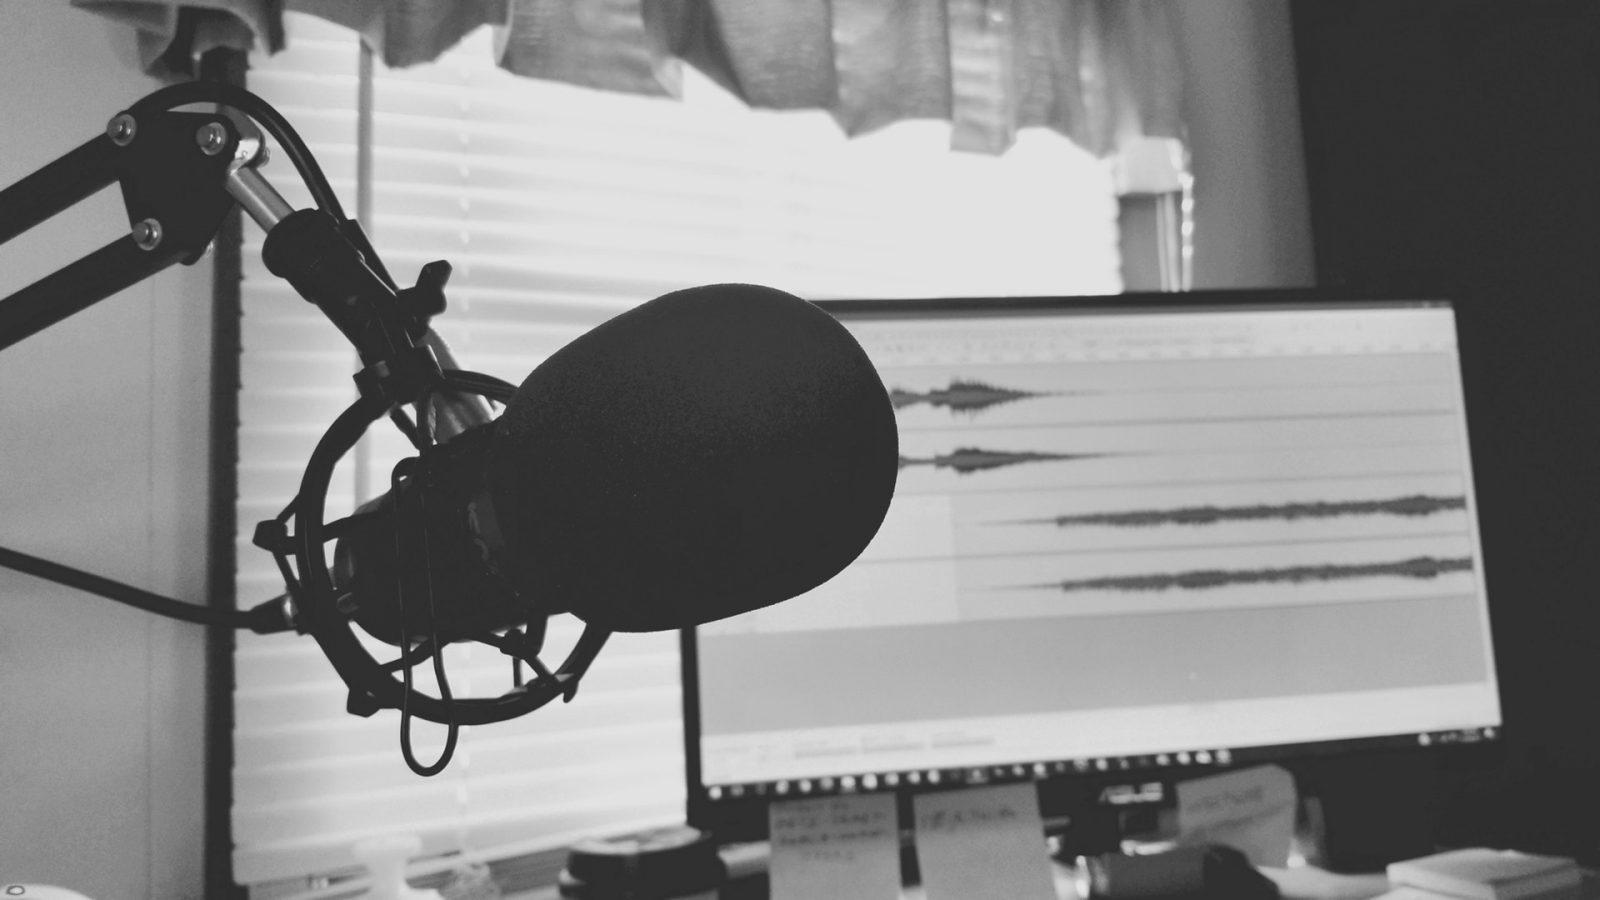 Imagem de um microfone em primeiro plano com um monitor ao fundo com um editor de áudio onde podemos ver duas faixas com ondas sonoras